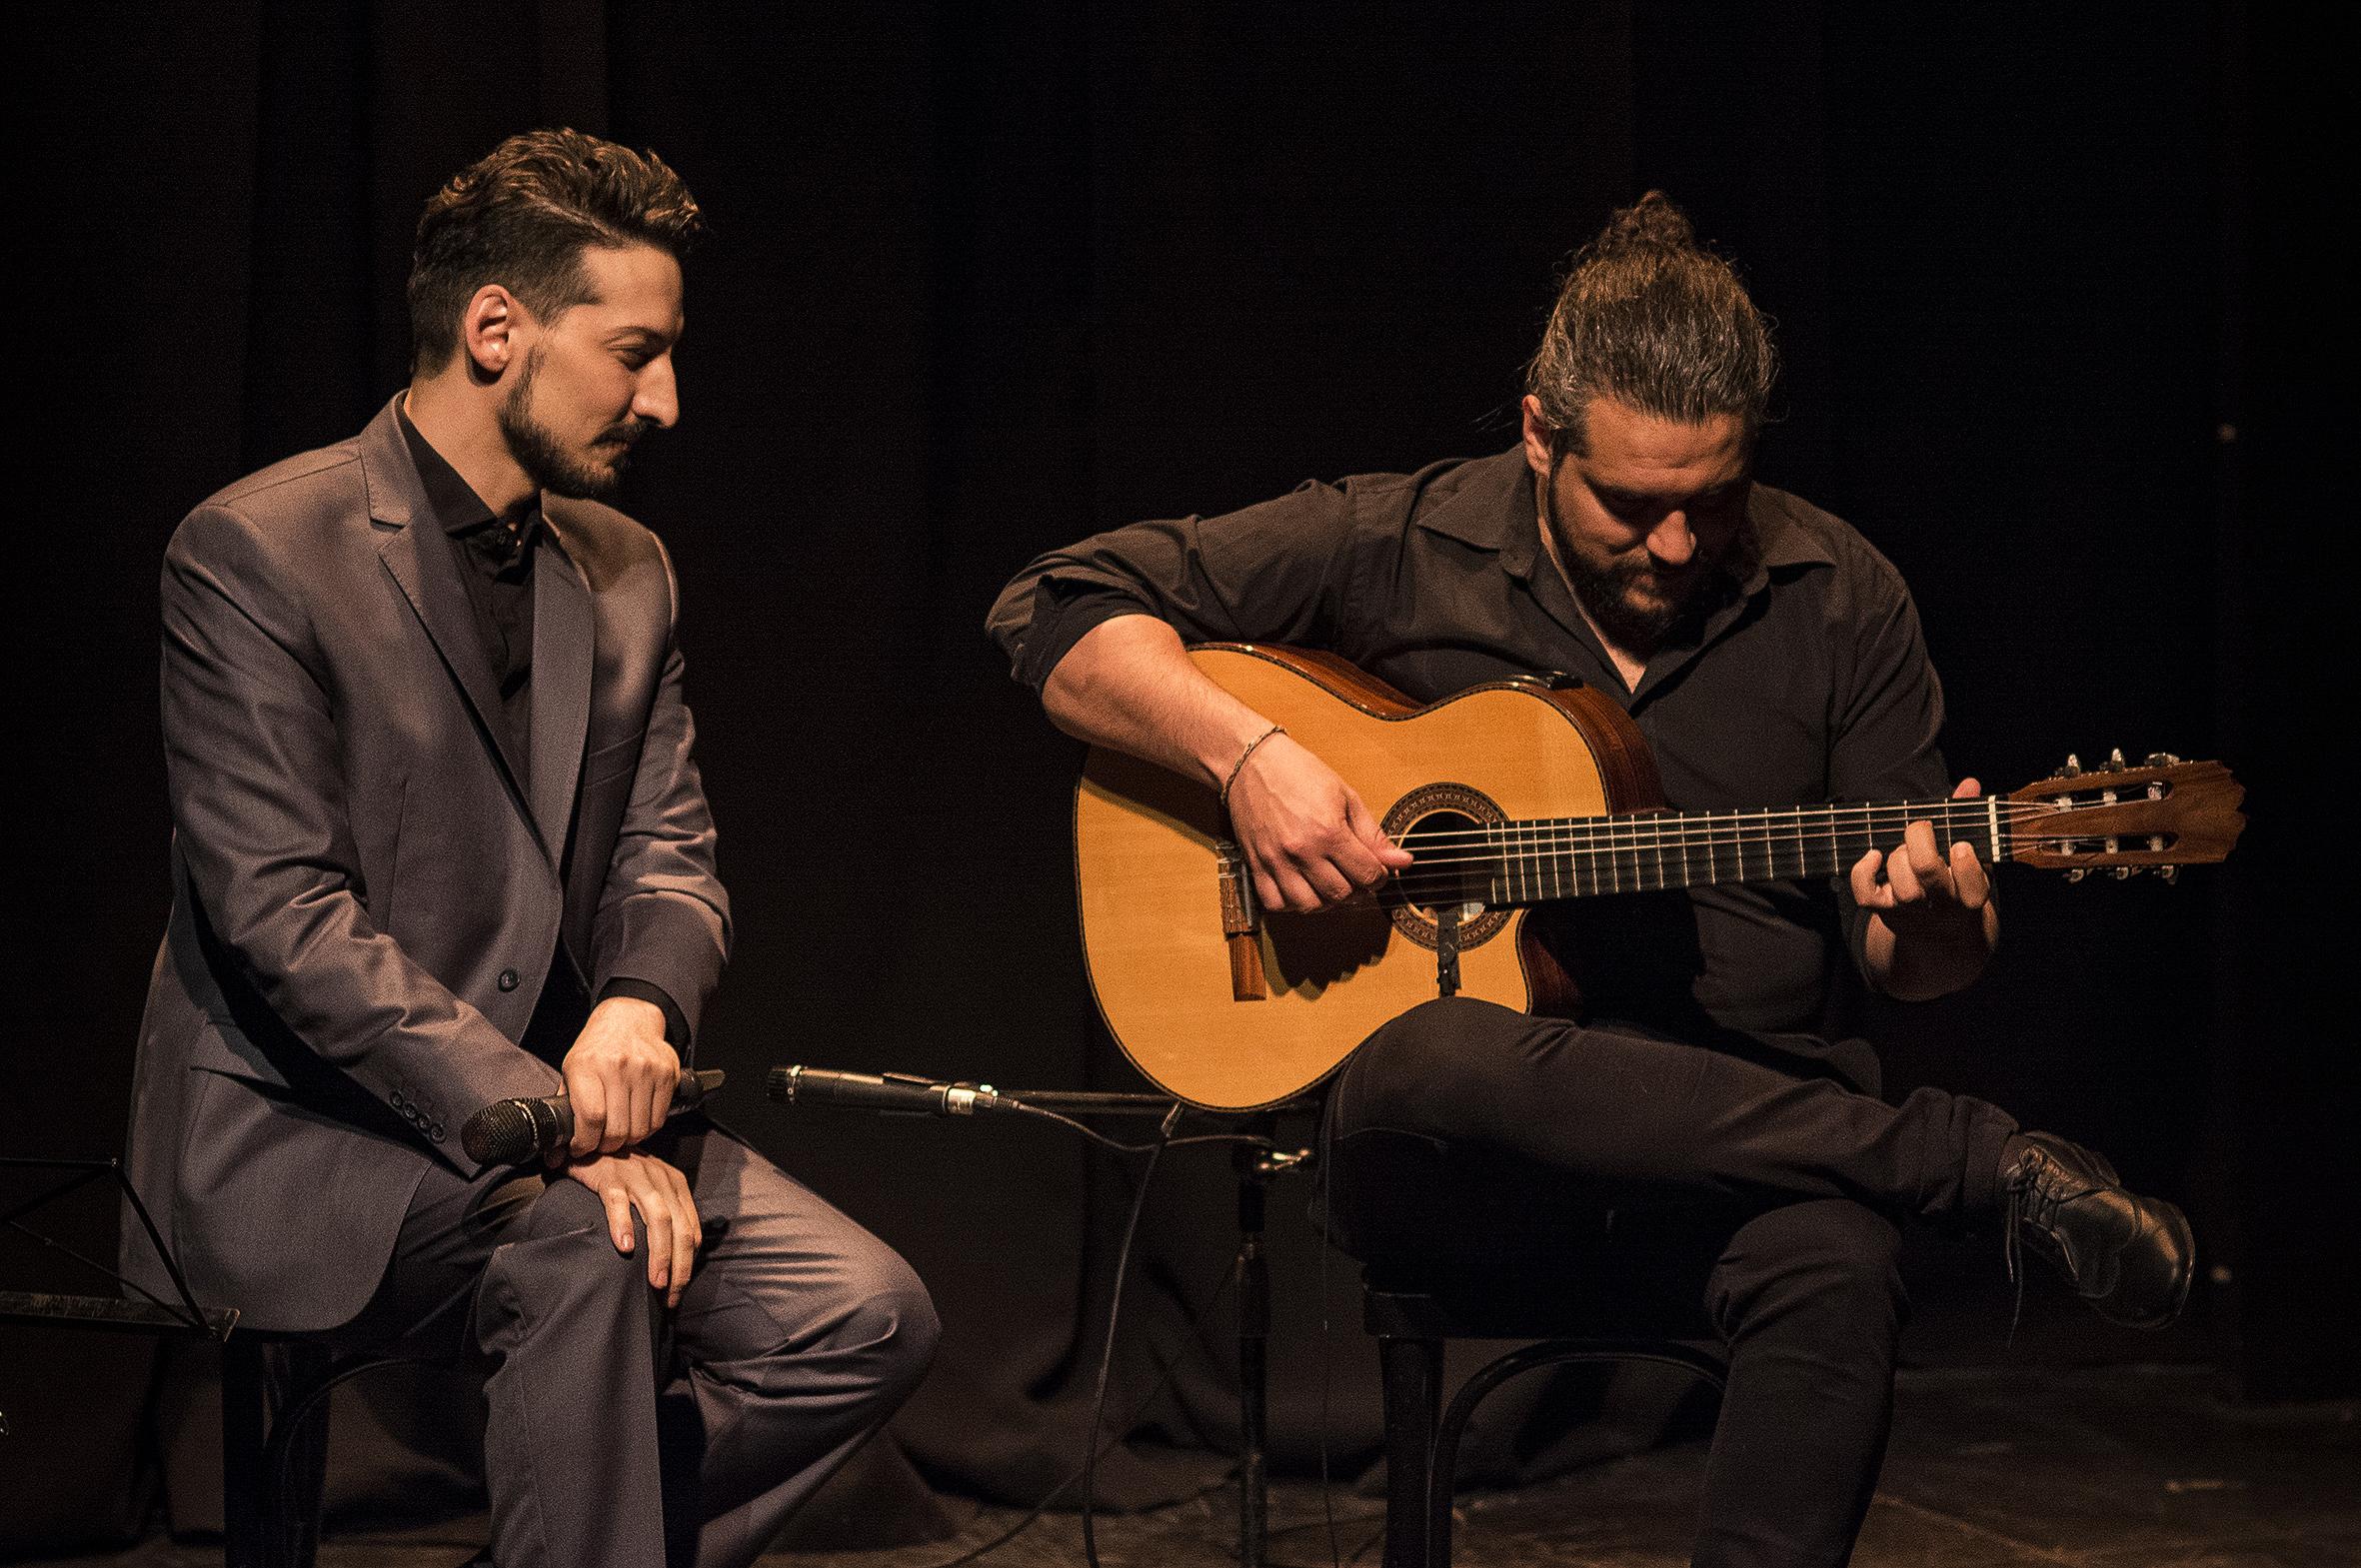 Con Ezequiel Iglesias en guitarra.